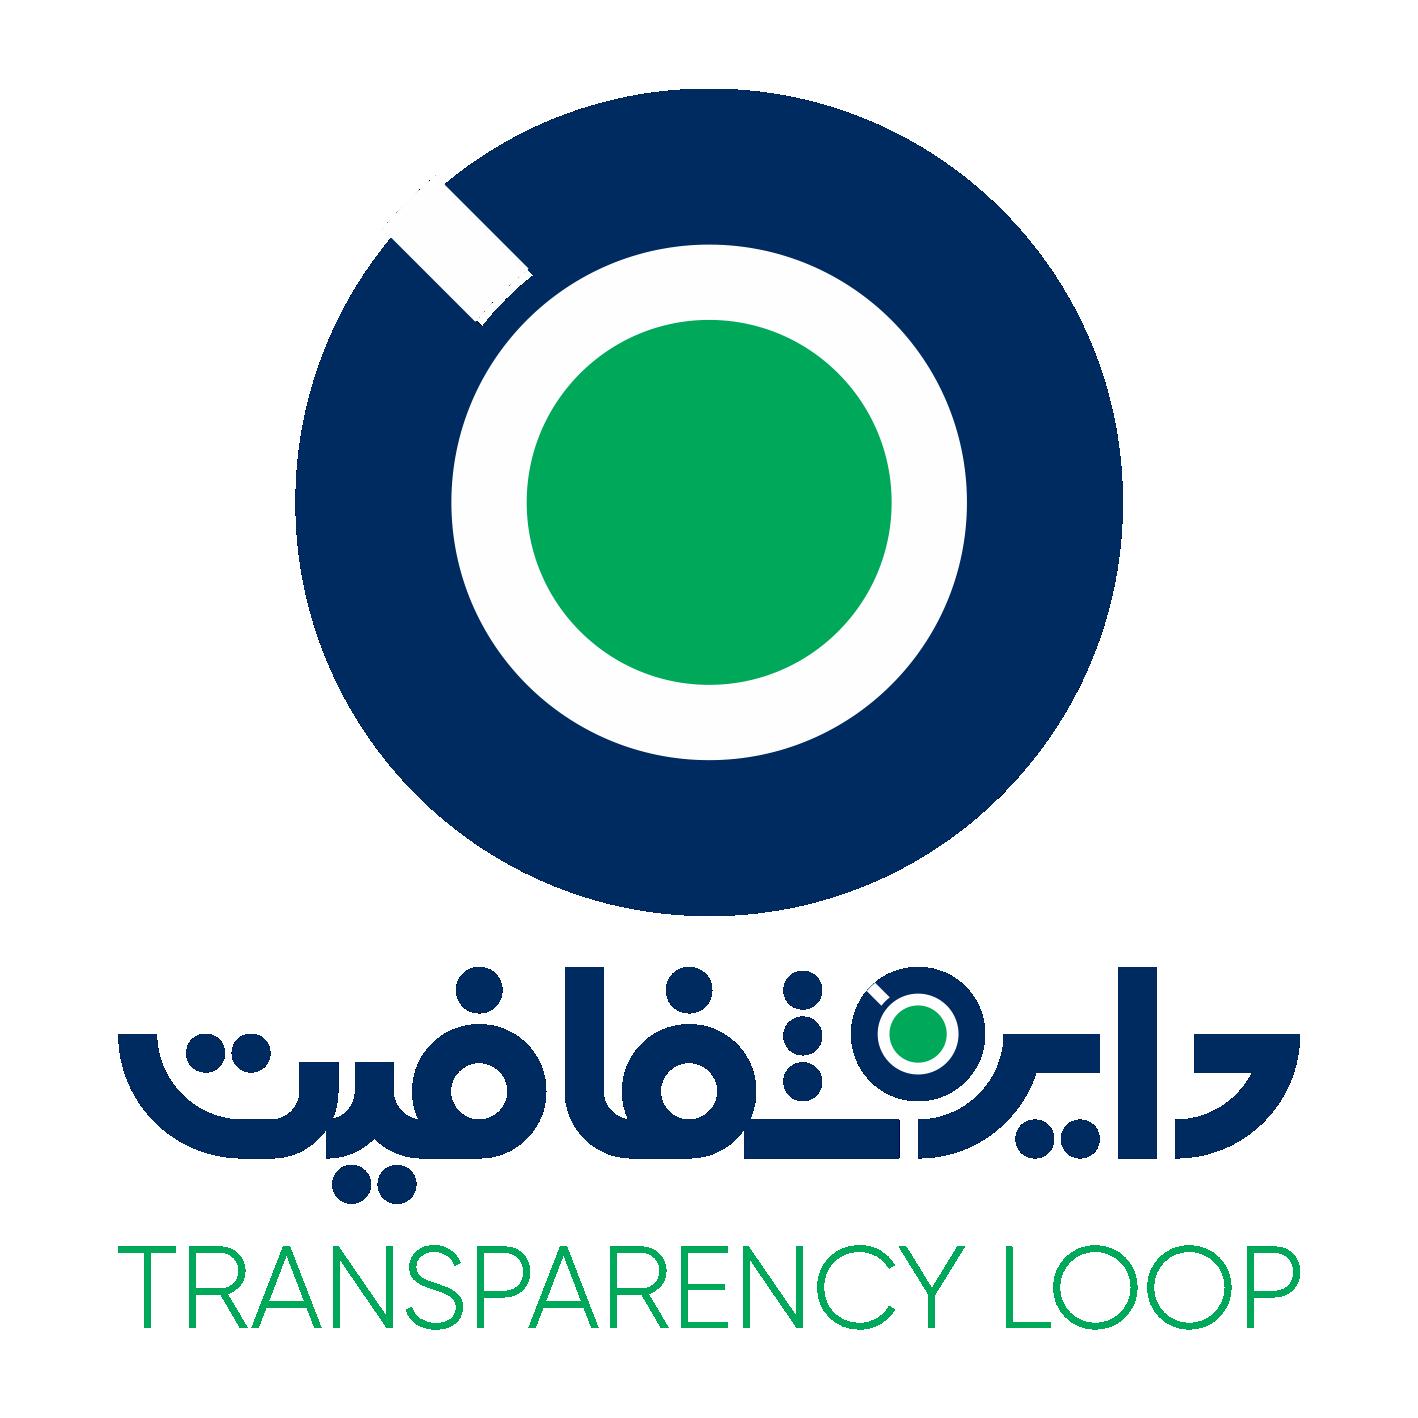 معرفی پادکست دایره شفافیت: پادکست فارسی شامل گفتگوهایی در مورد شفافیت و مبارزه با فساد